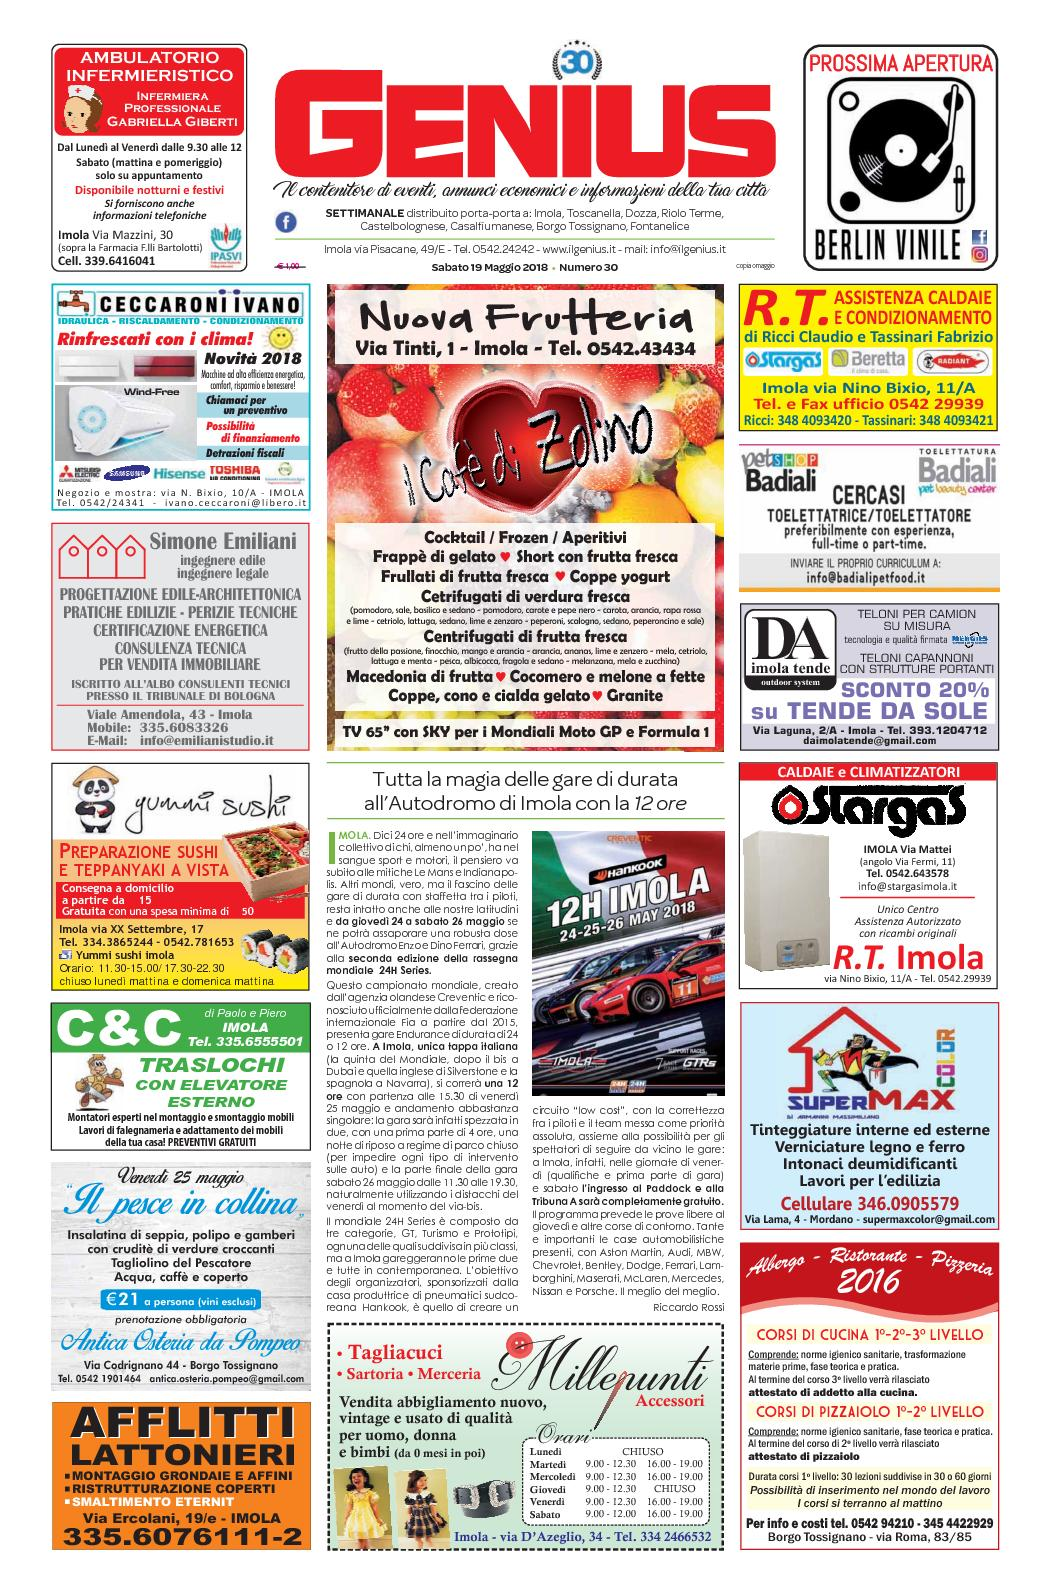 Detrazione Tinteggiatura Interna 2016 calaméo - num 30 del 19 maggio 2018